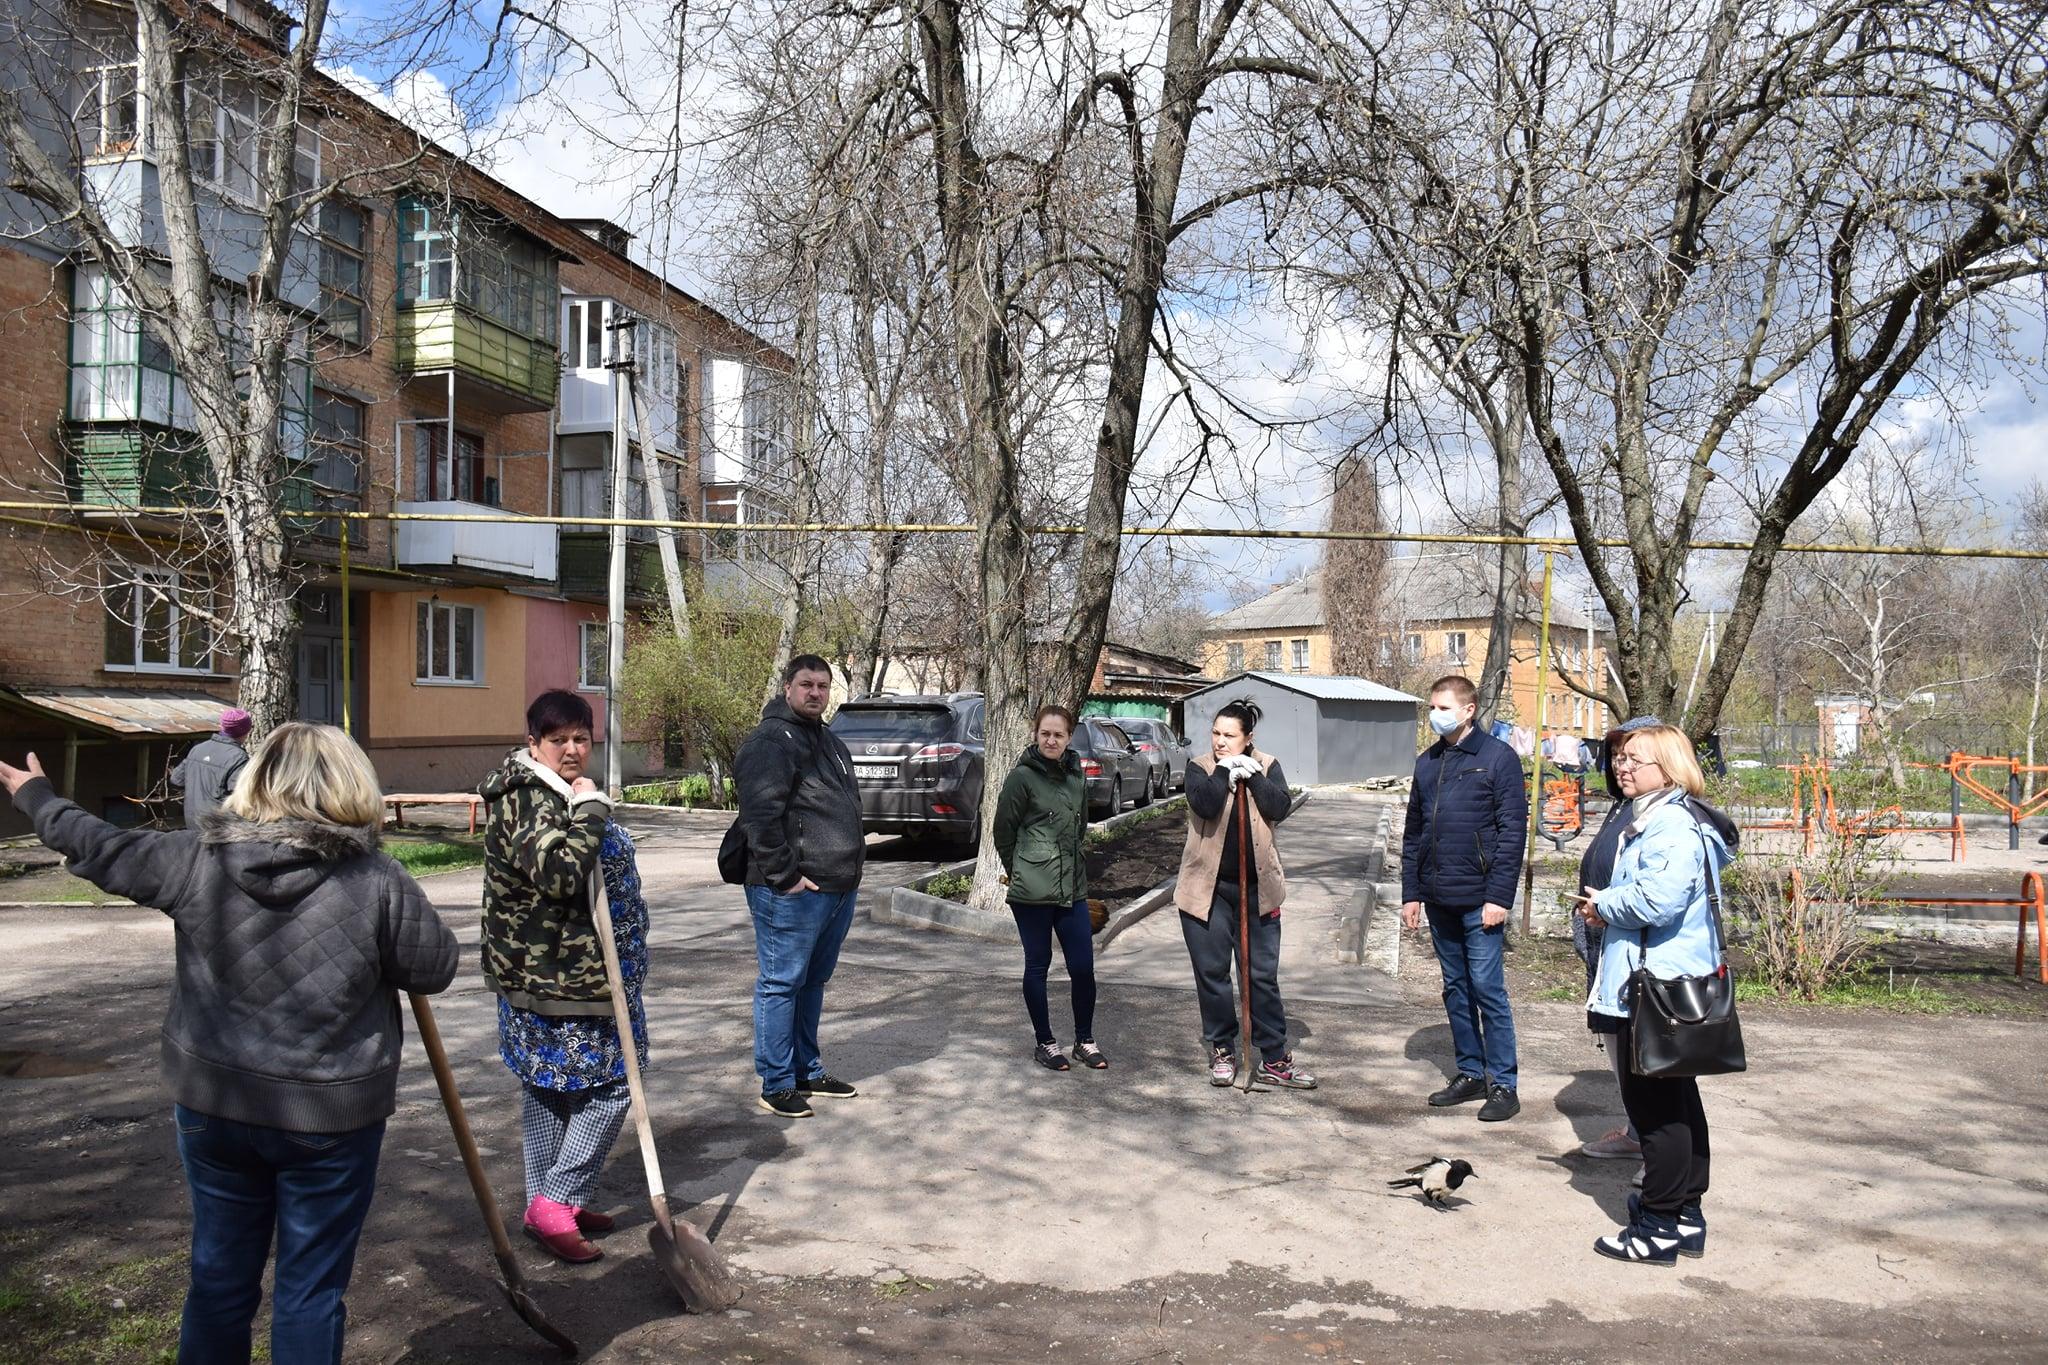 Ще в одному з мікрорайонів Кропивницького відбувся суботник (ФОТО)